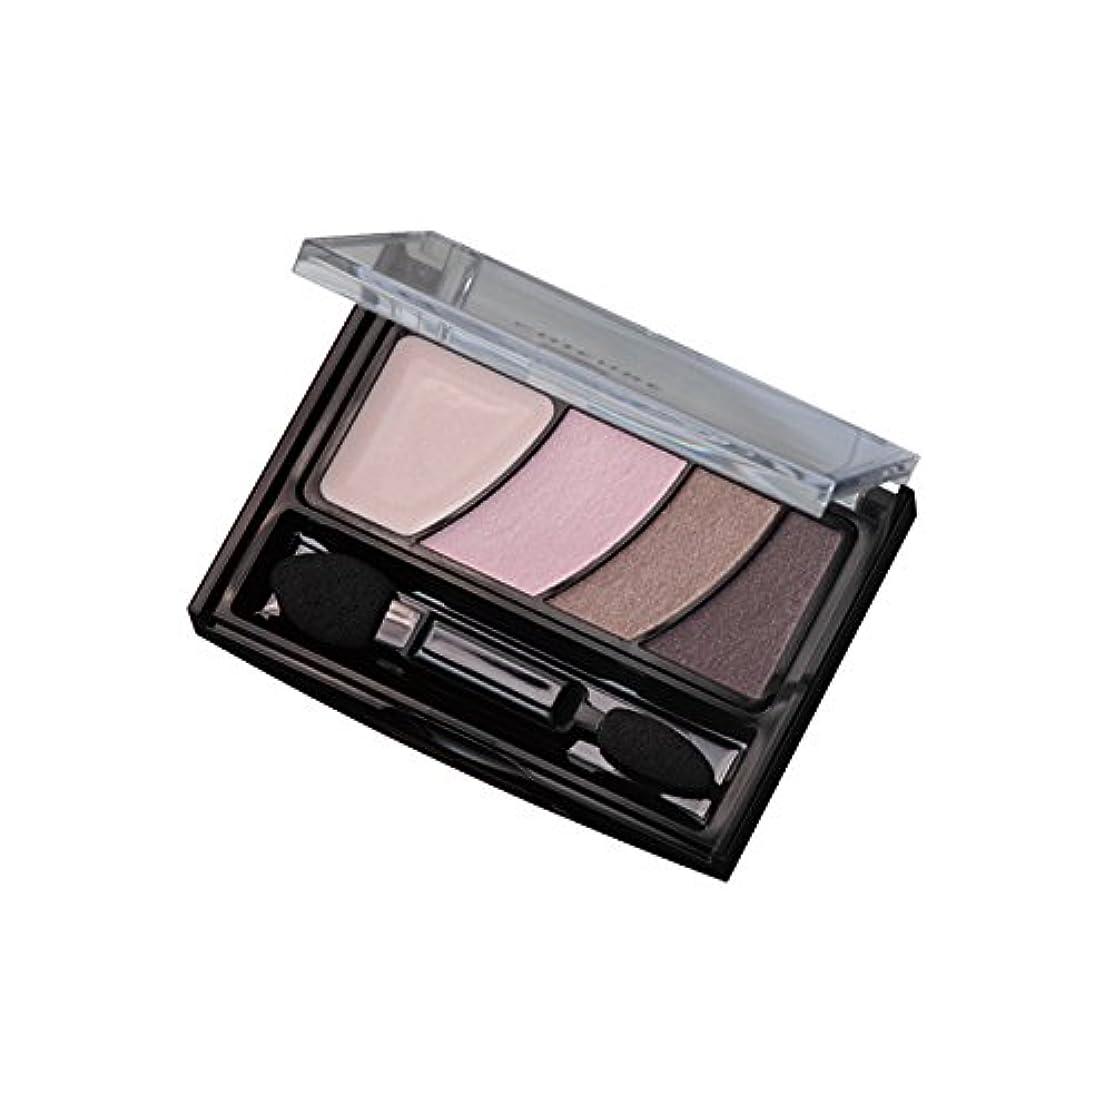 札入れ鮮やかなバージンちふれ化粧品 グラデーション アイ カラー(チップ付) ピンク系 アイカラー12